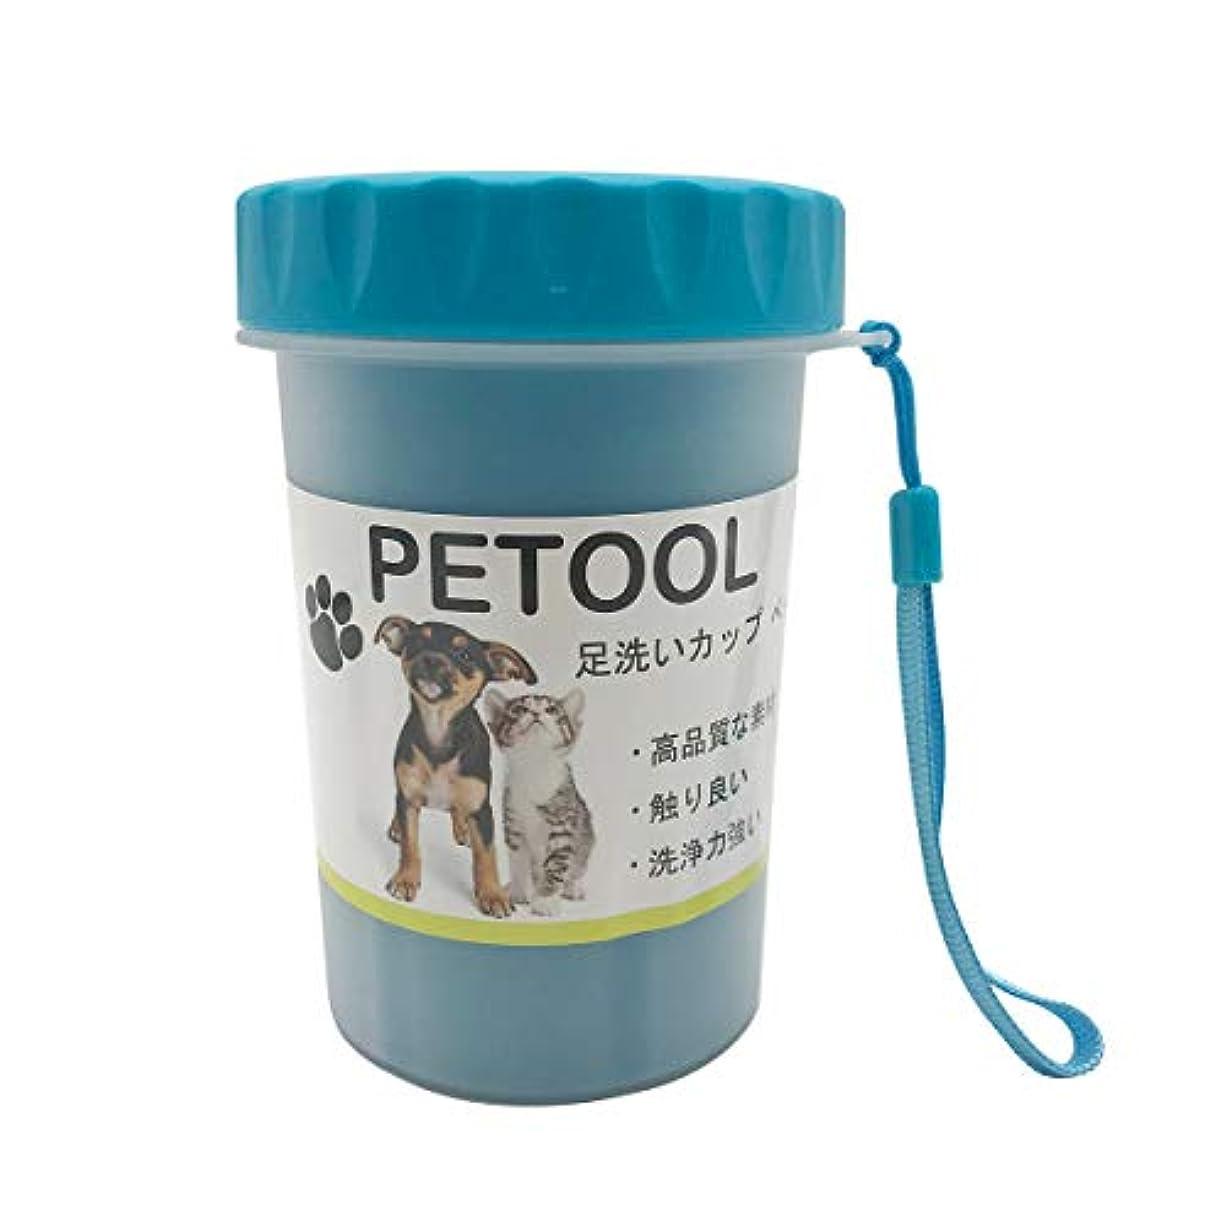 数プレーヤー時間とともにPETOOL 足洗いカップ ペット 犬 クリーナー 足洗いブラシ 小型中型犬用 シリコーンブラシ マッサージ効果 安全 便利 耐久 ブルー L(大)